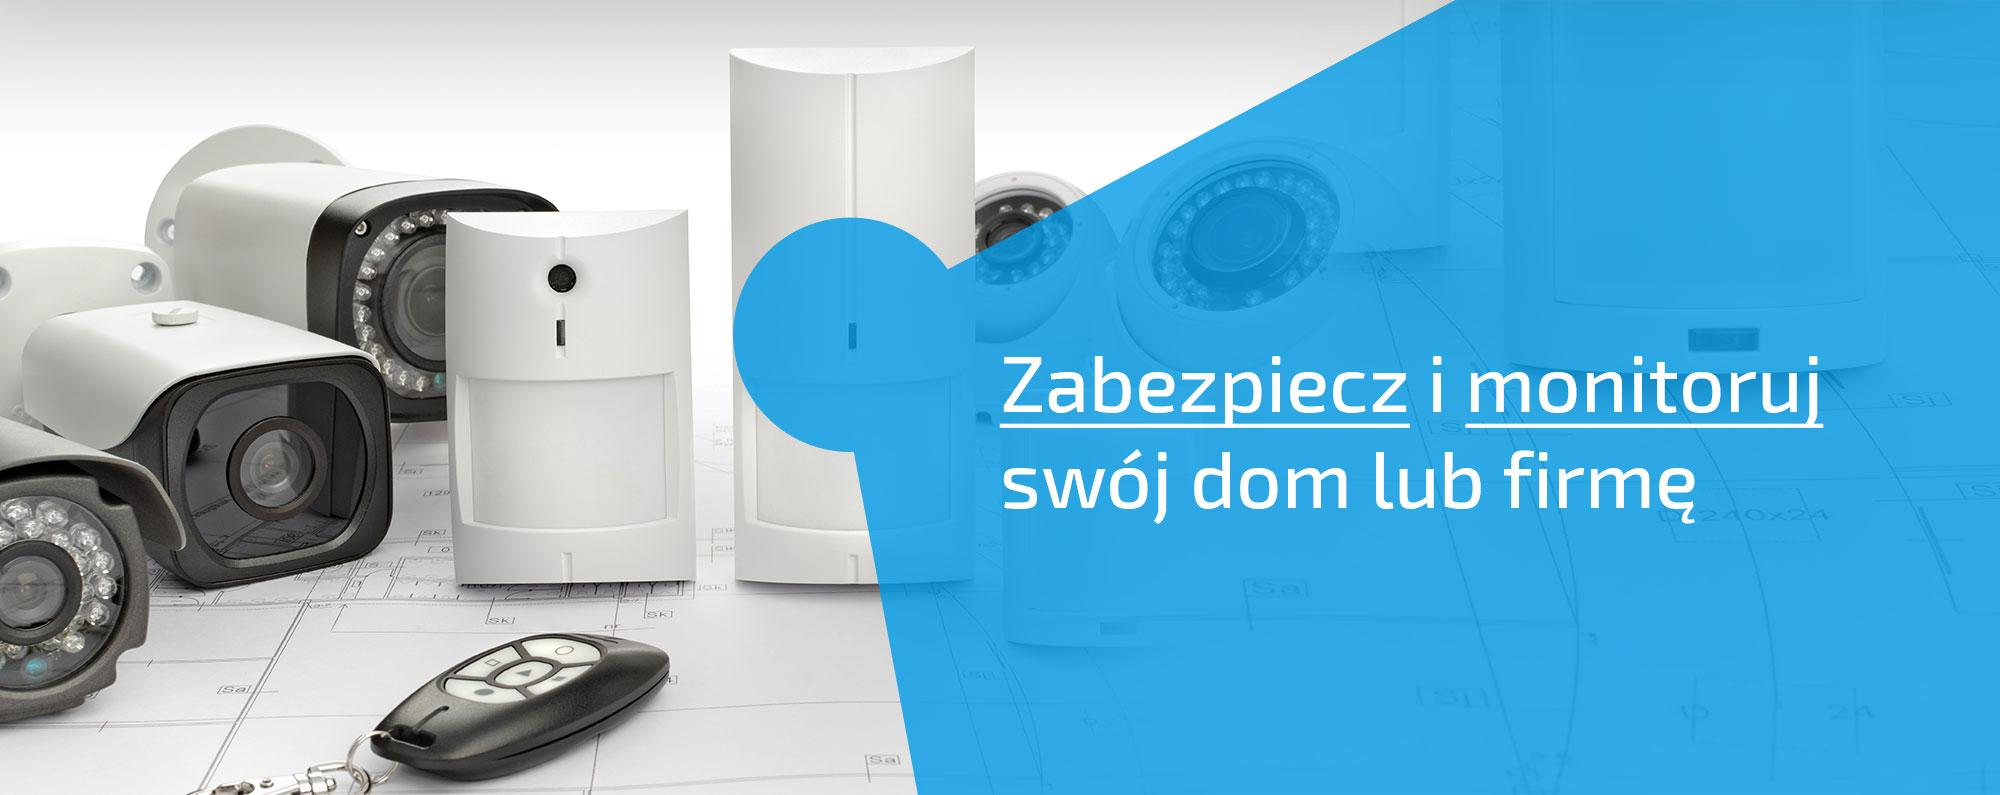 monitoring systemy alarmowe Nowy Sącz